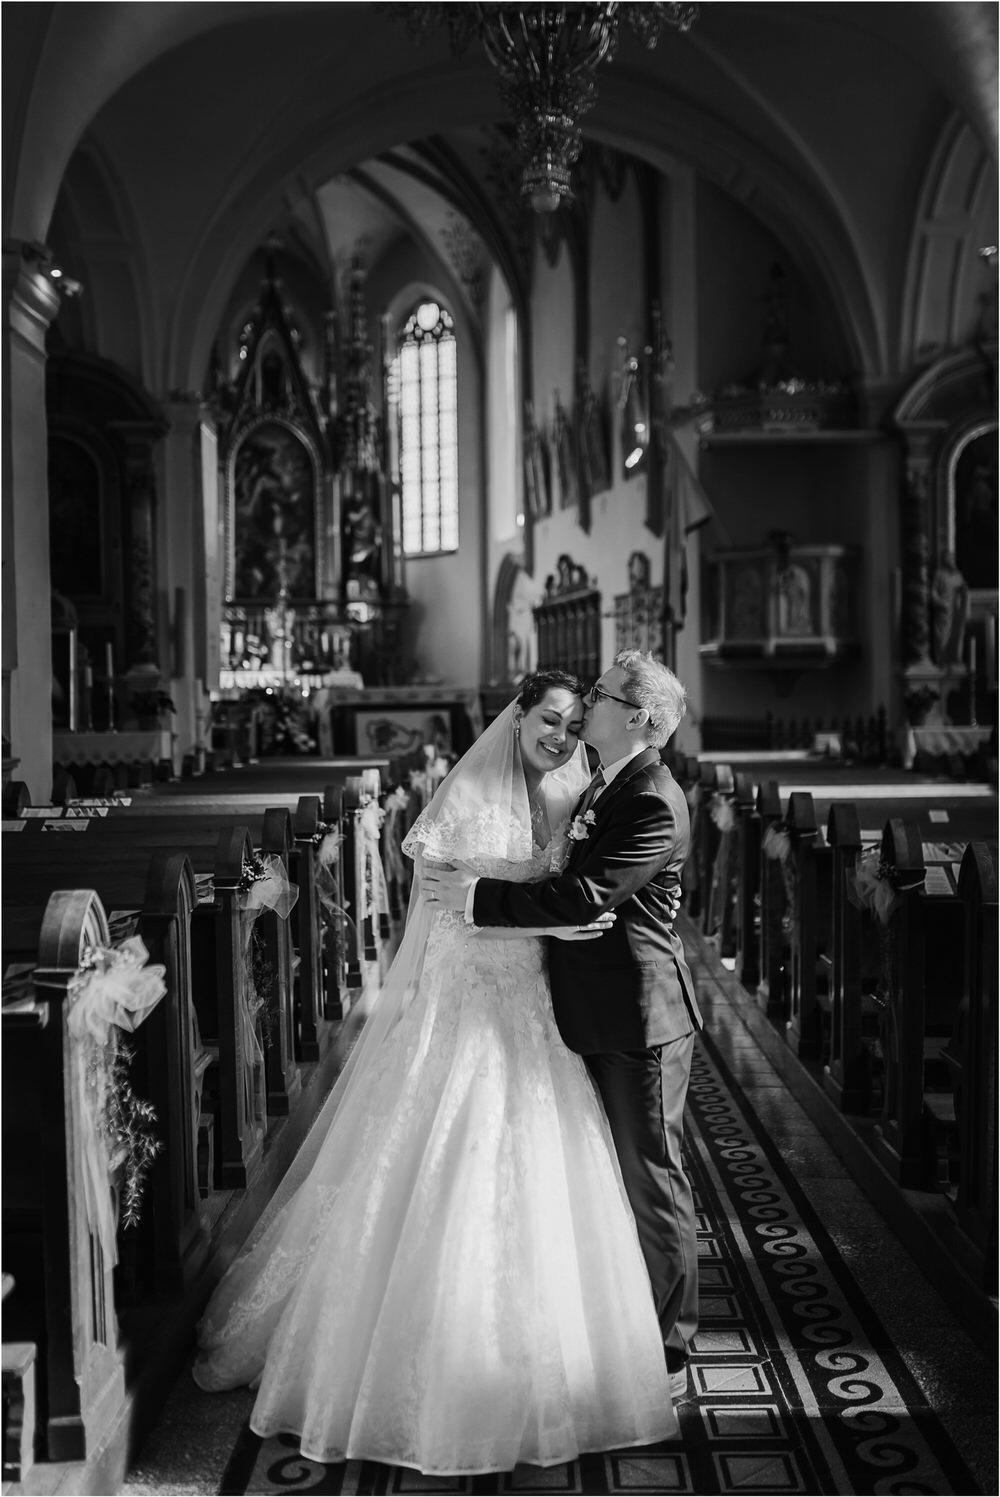 tri lučke poroka poročni fotograf fotografiranje intimna poroka zaroka krško posavje dolenjska novo mesto nika grega rustikalna romantična vintage wedding slovenia photography 0033.jpg